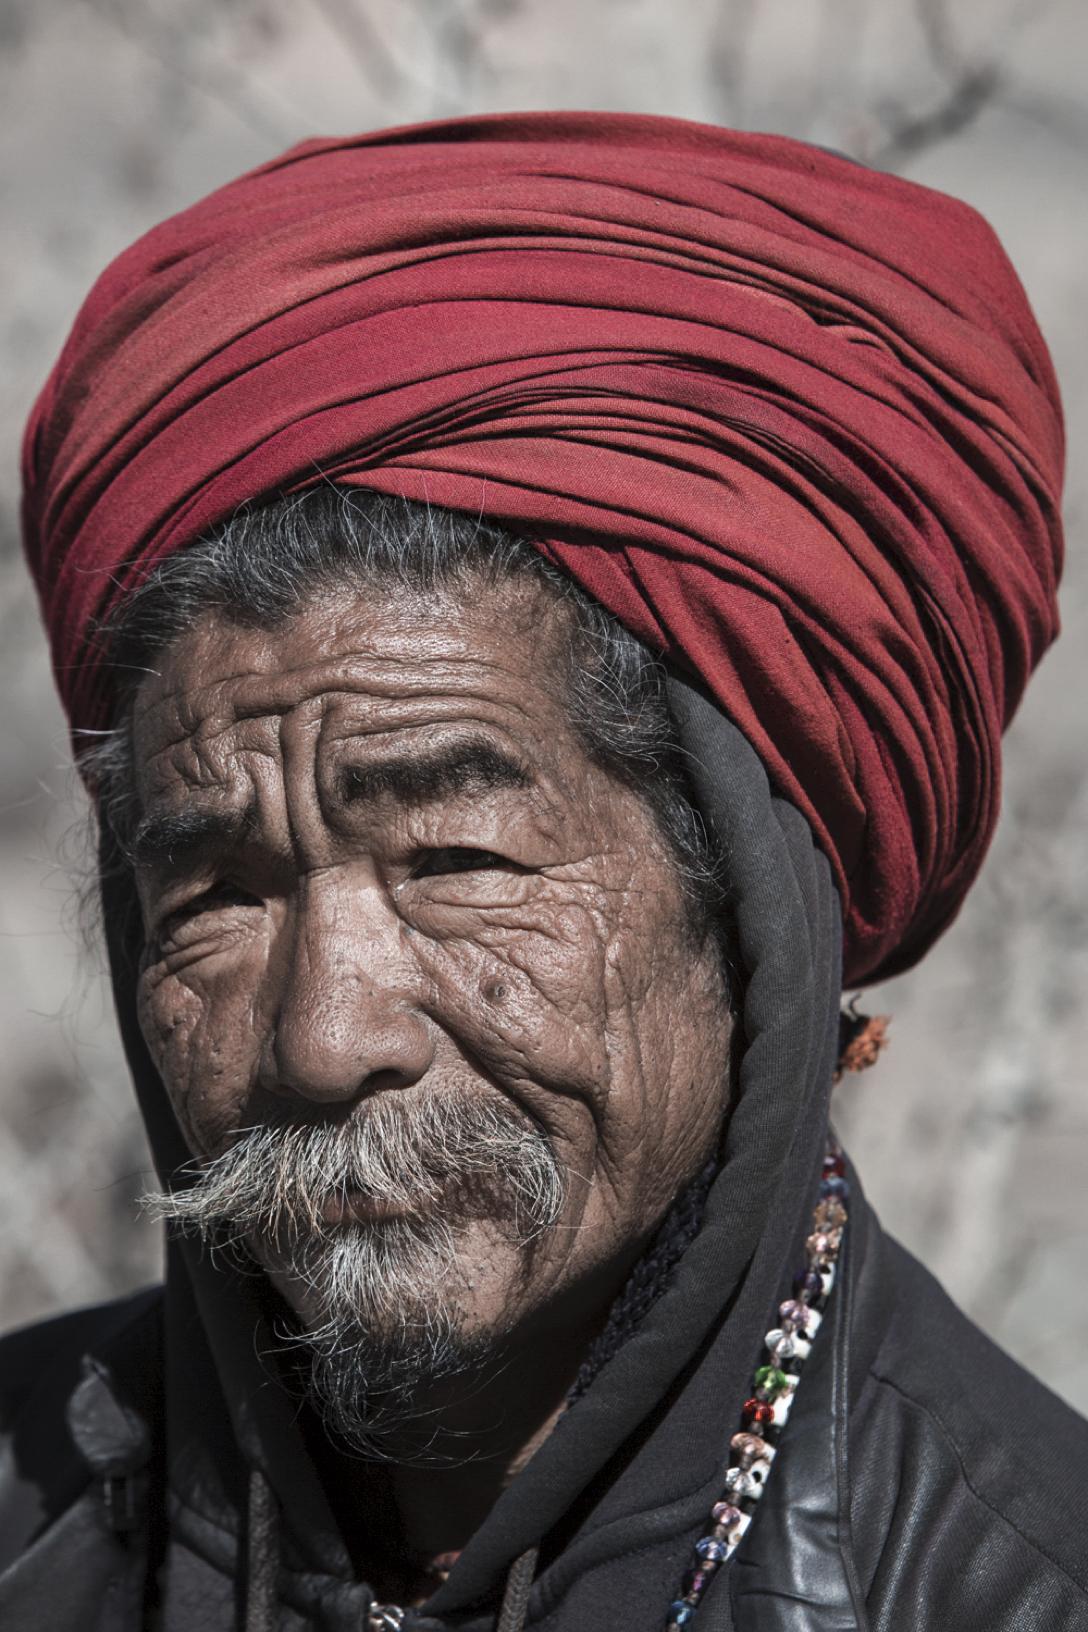 Sadhu in Muktinath, Nepal